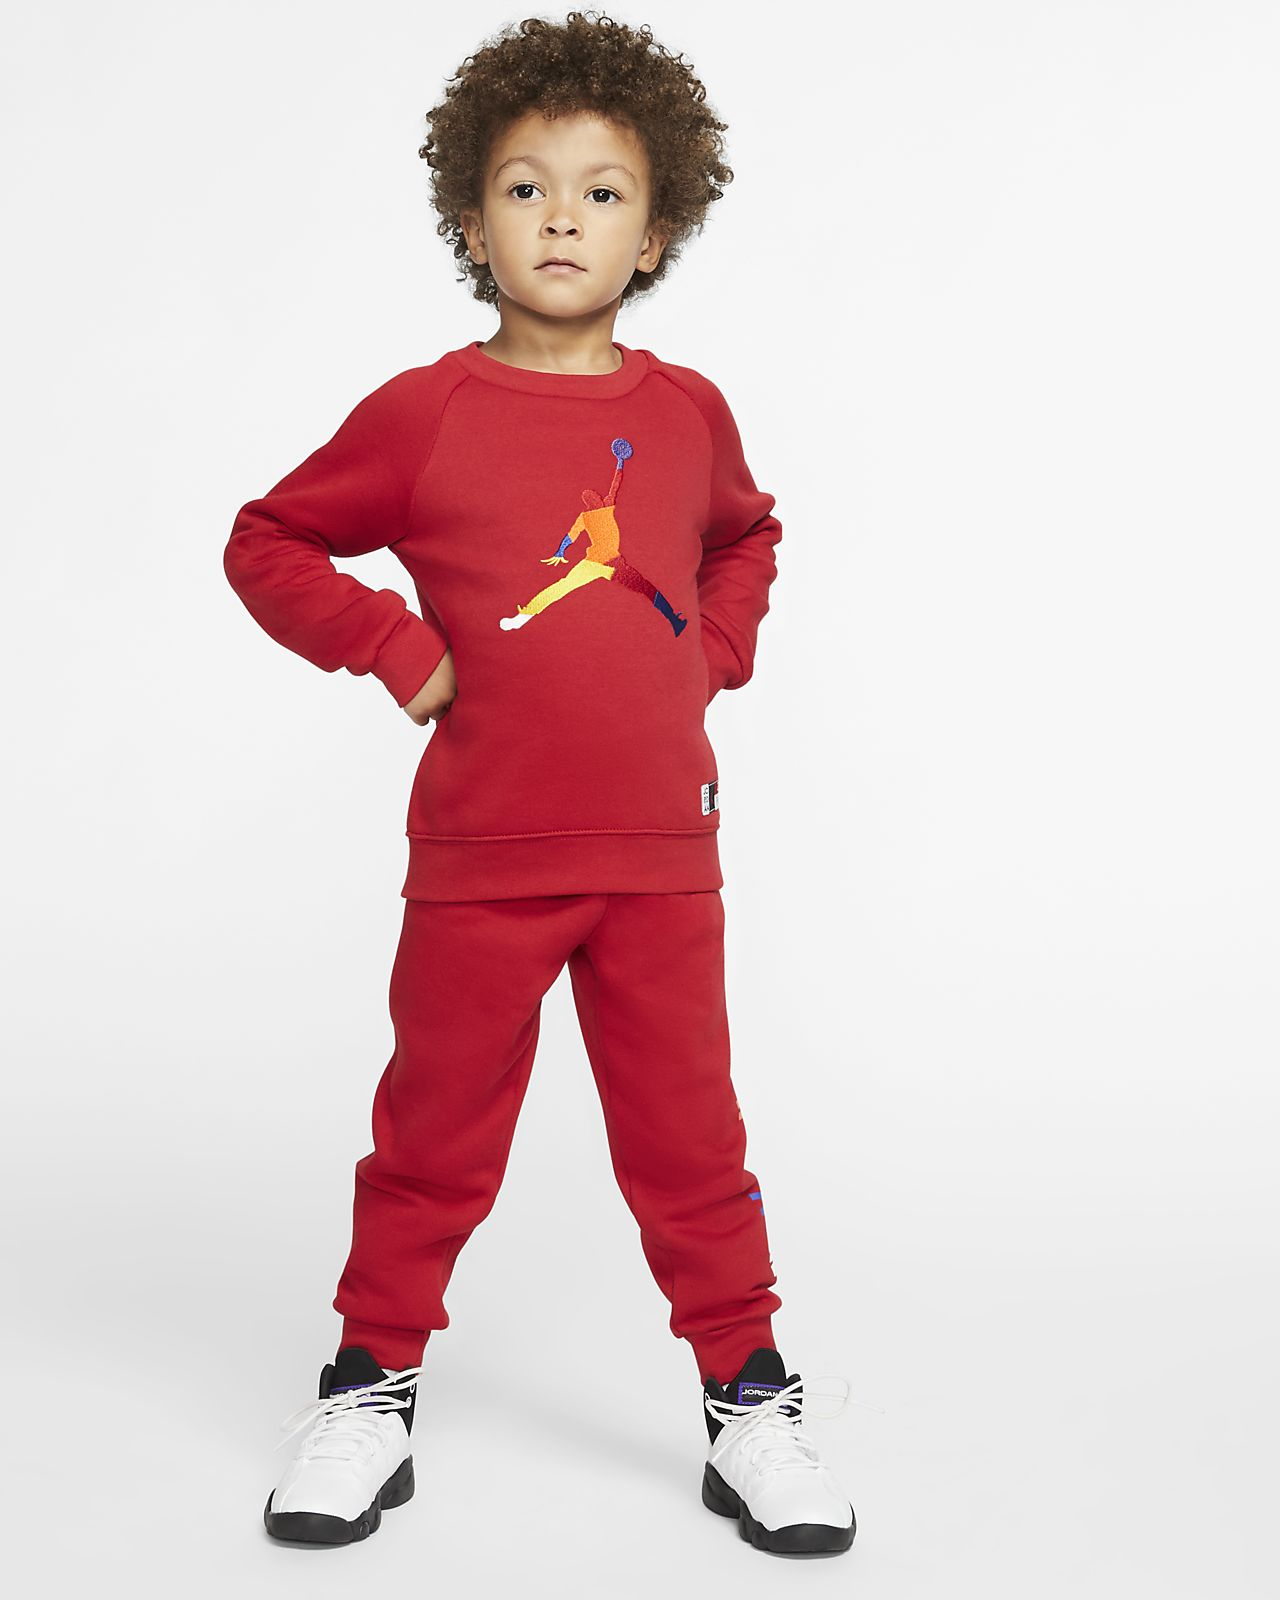 Completo in 2 pezzi con maglia a girocollo e jogger Jordan Jumpman - Bimbi piccoli